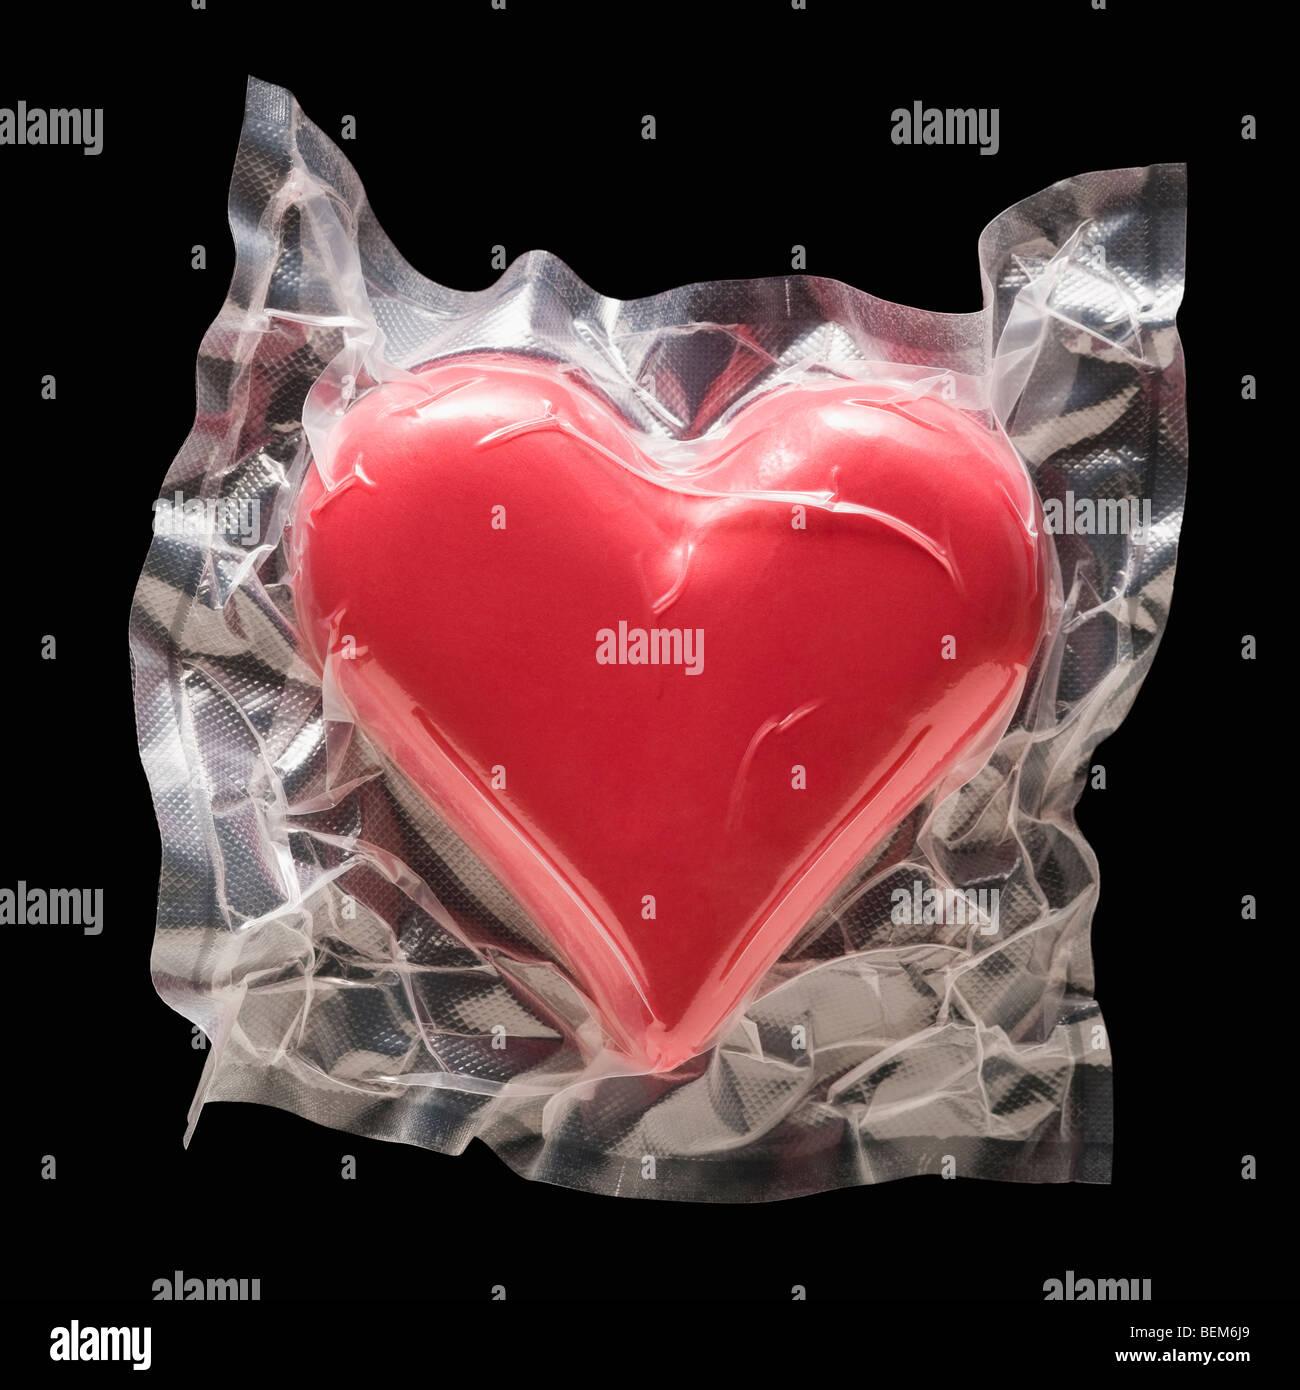 Coeur emballés sous film rétractable Photo Stock